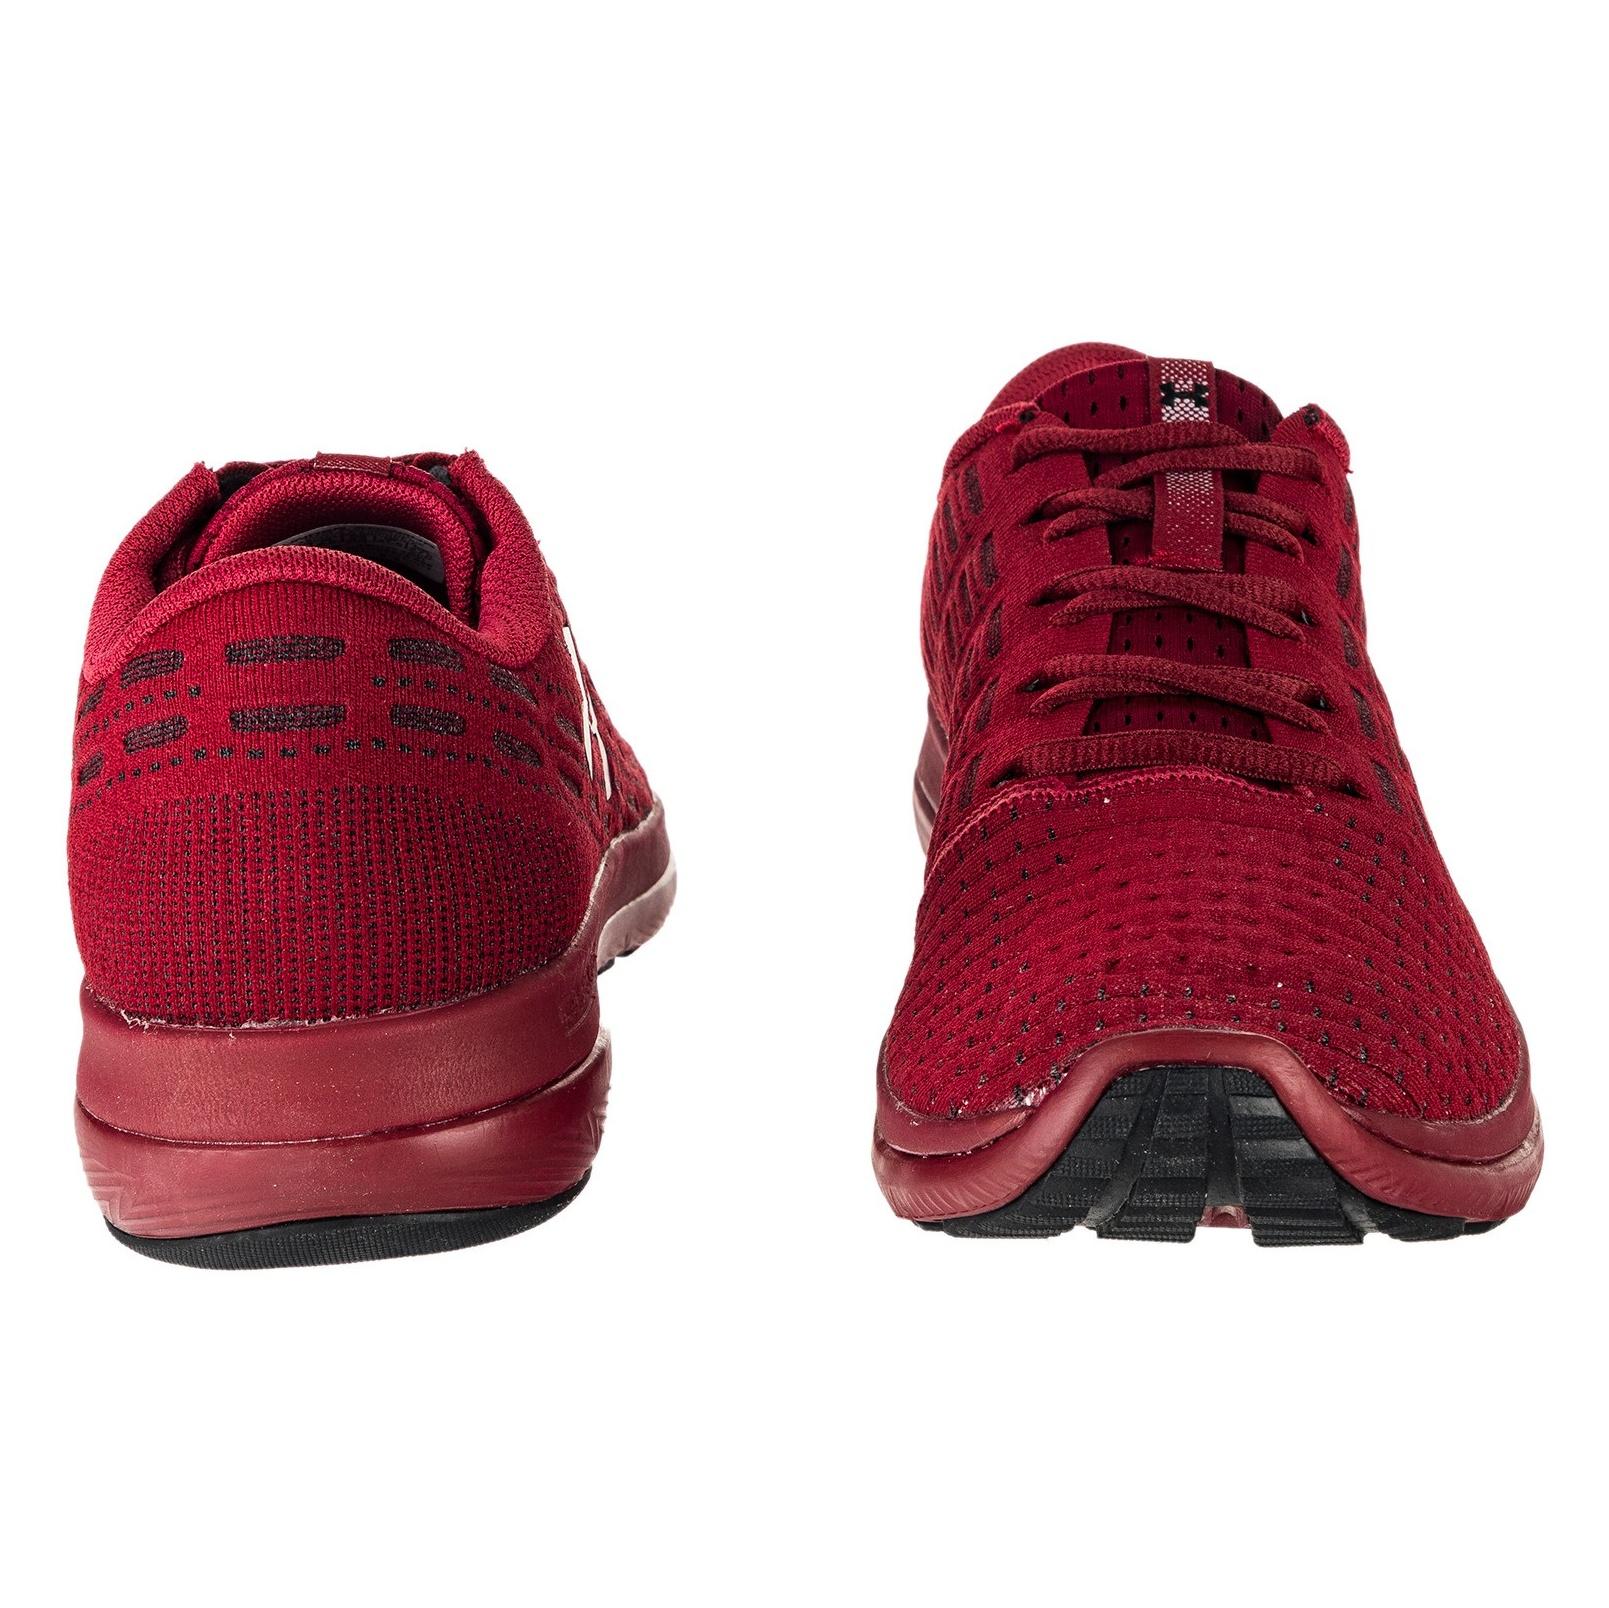 کفش دویدن بندی مردانه Threadborne Slingflex - آندر آرمور - زرشکی - 5